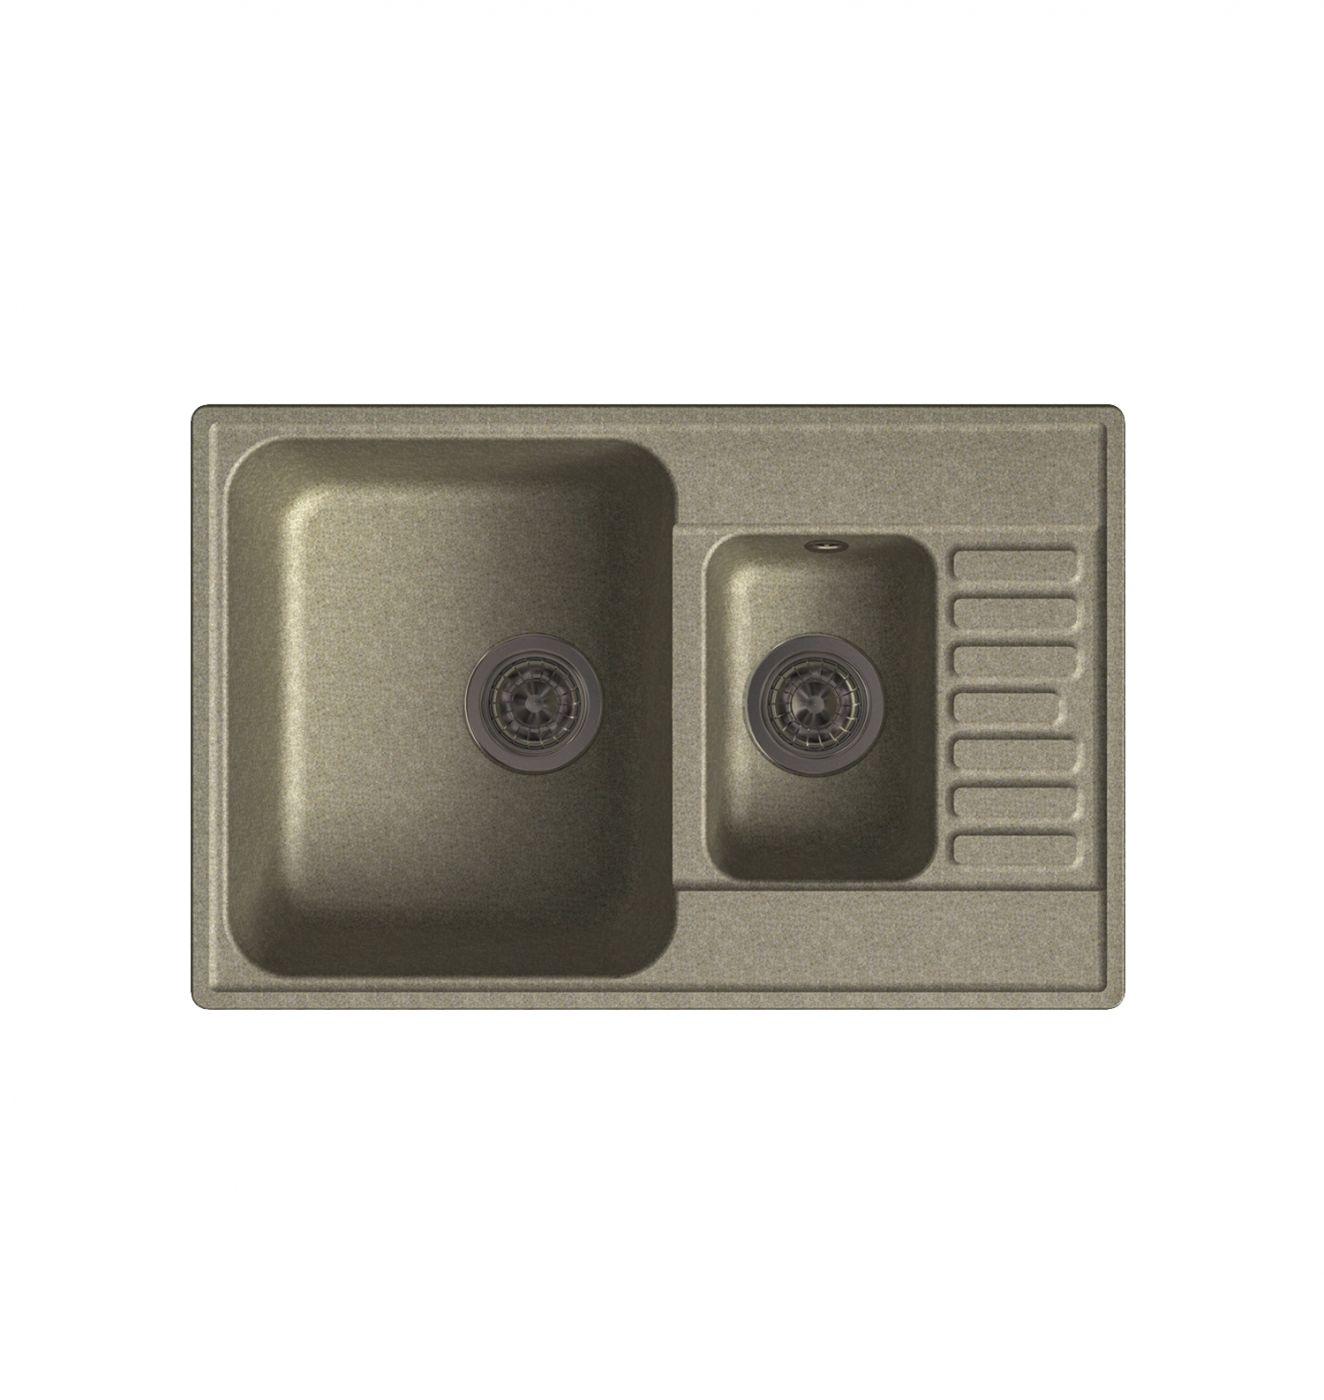 Врезная кухонная мойка LEX St. Moritz 740 Sand  74х48см полимер RULE000041